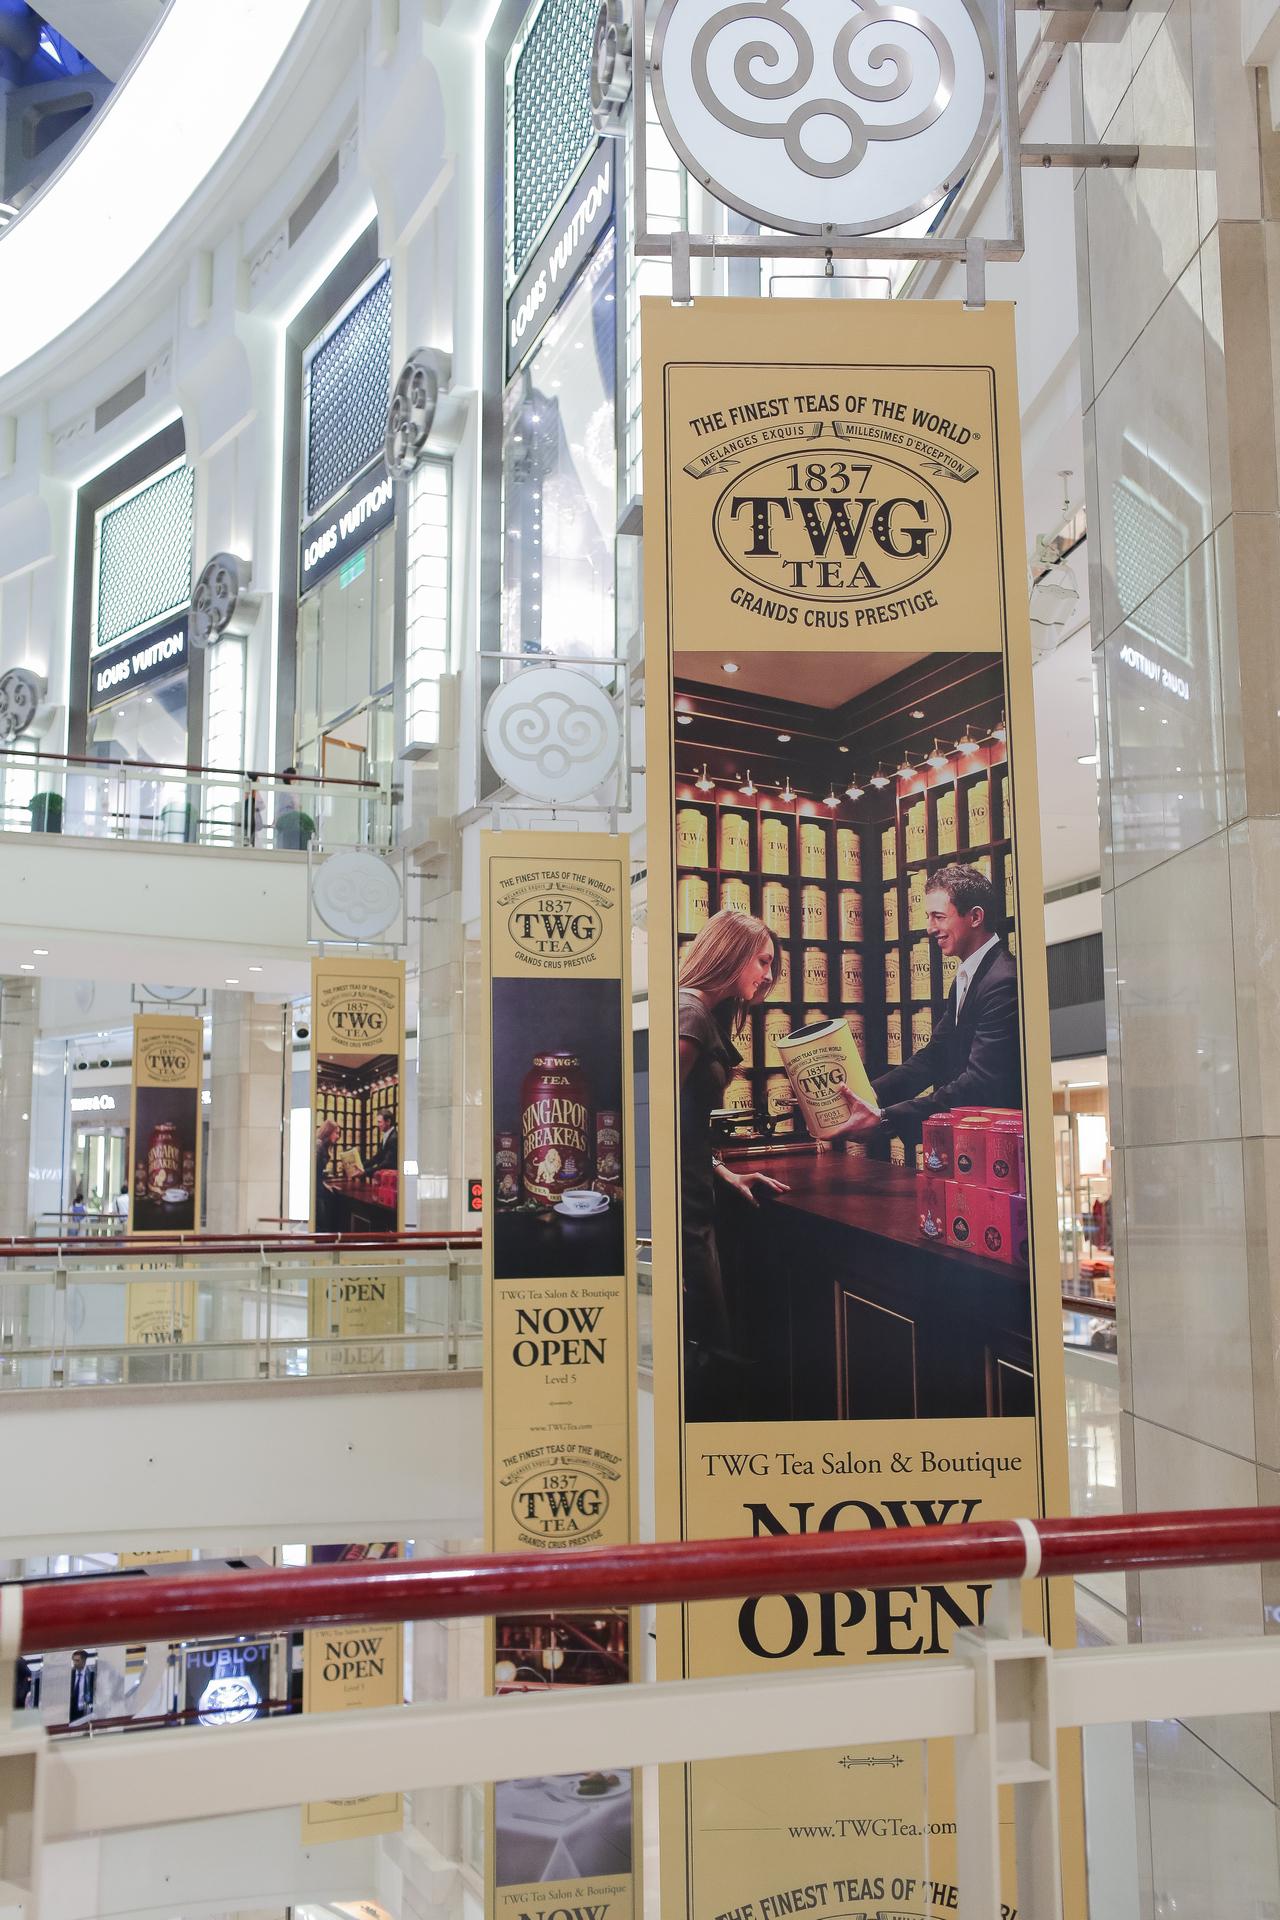 [TWG 101] 初訪TWG Tea salon的四品薰香茶:1837黑茶、1837白茶、玫瑰氛香茶、天龍騎士茶